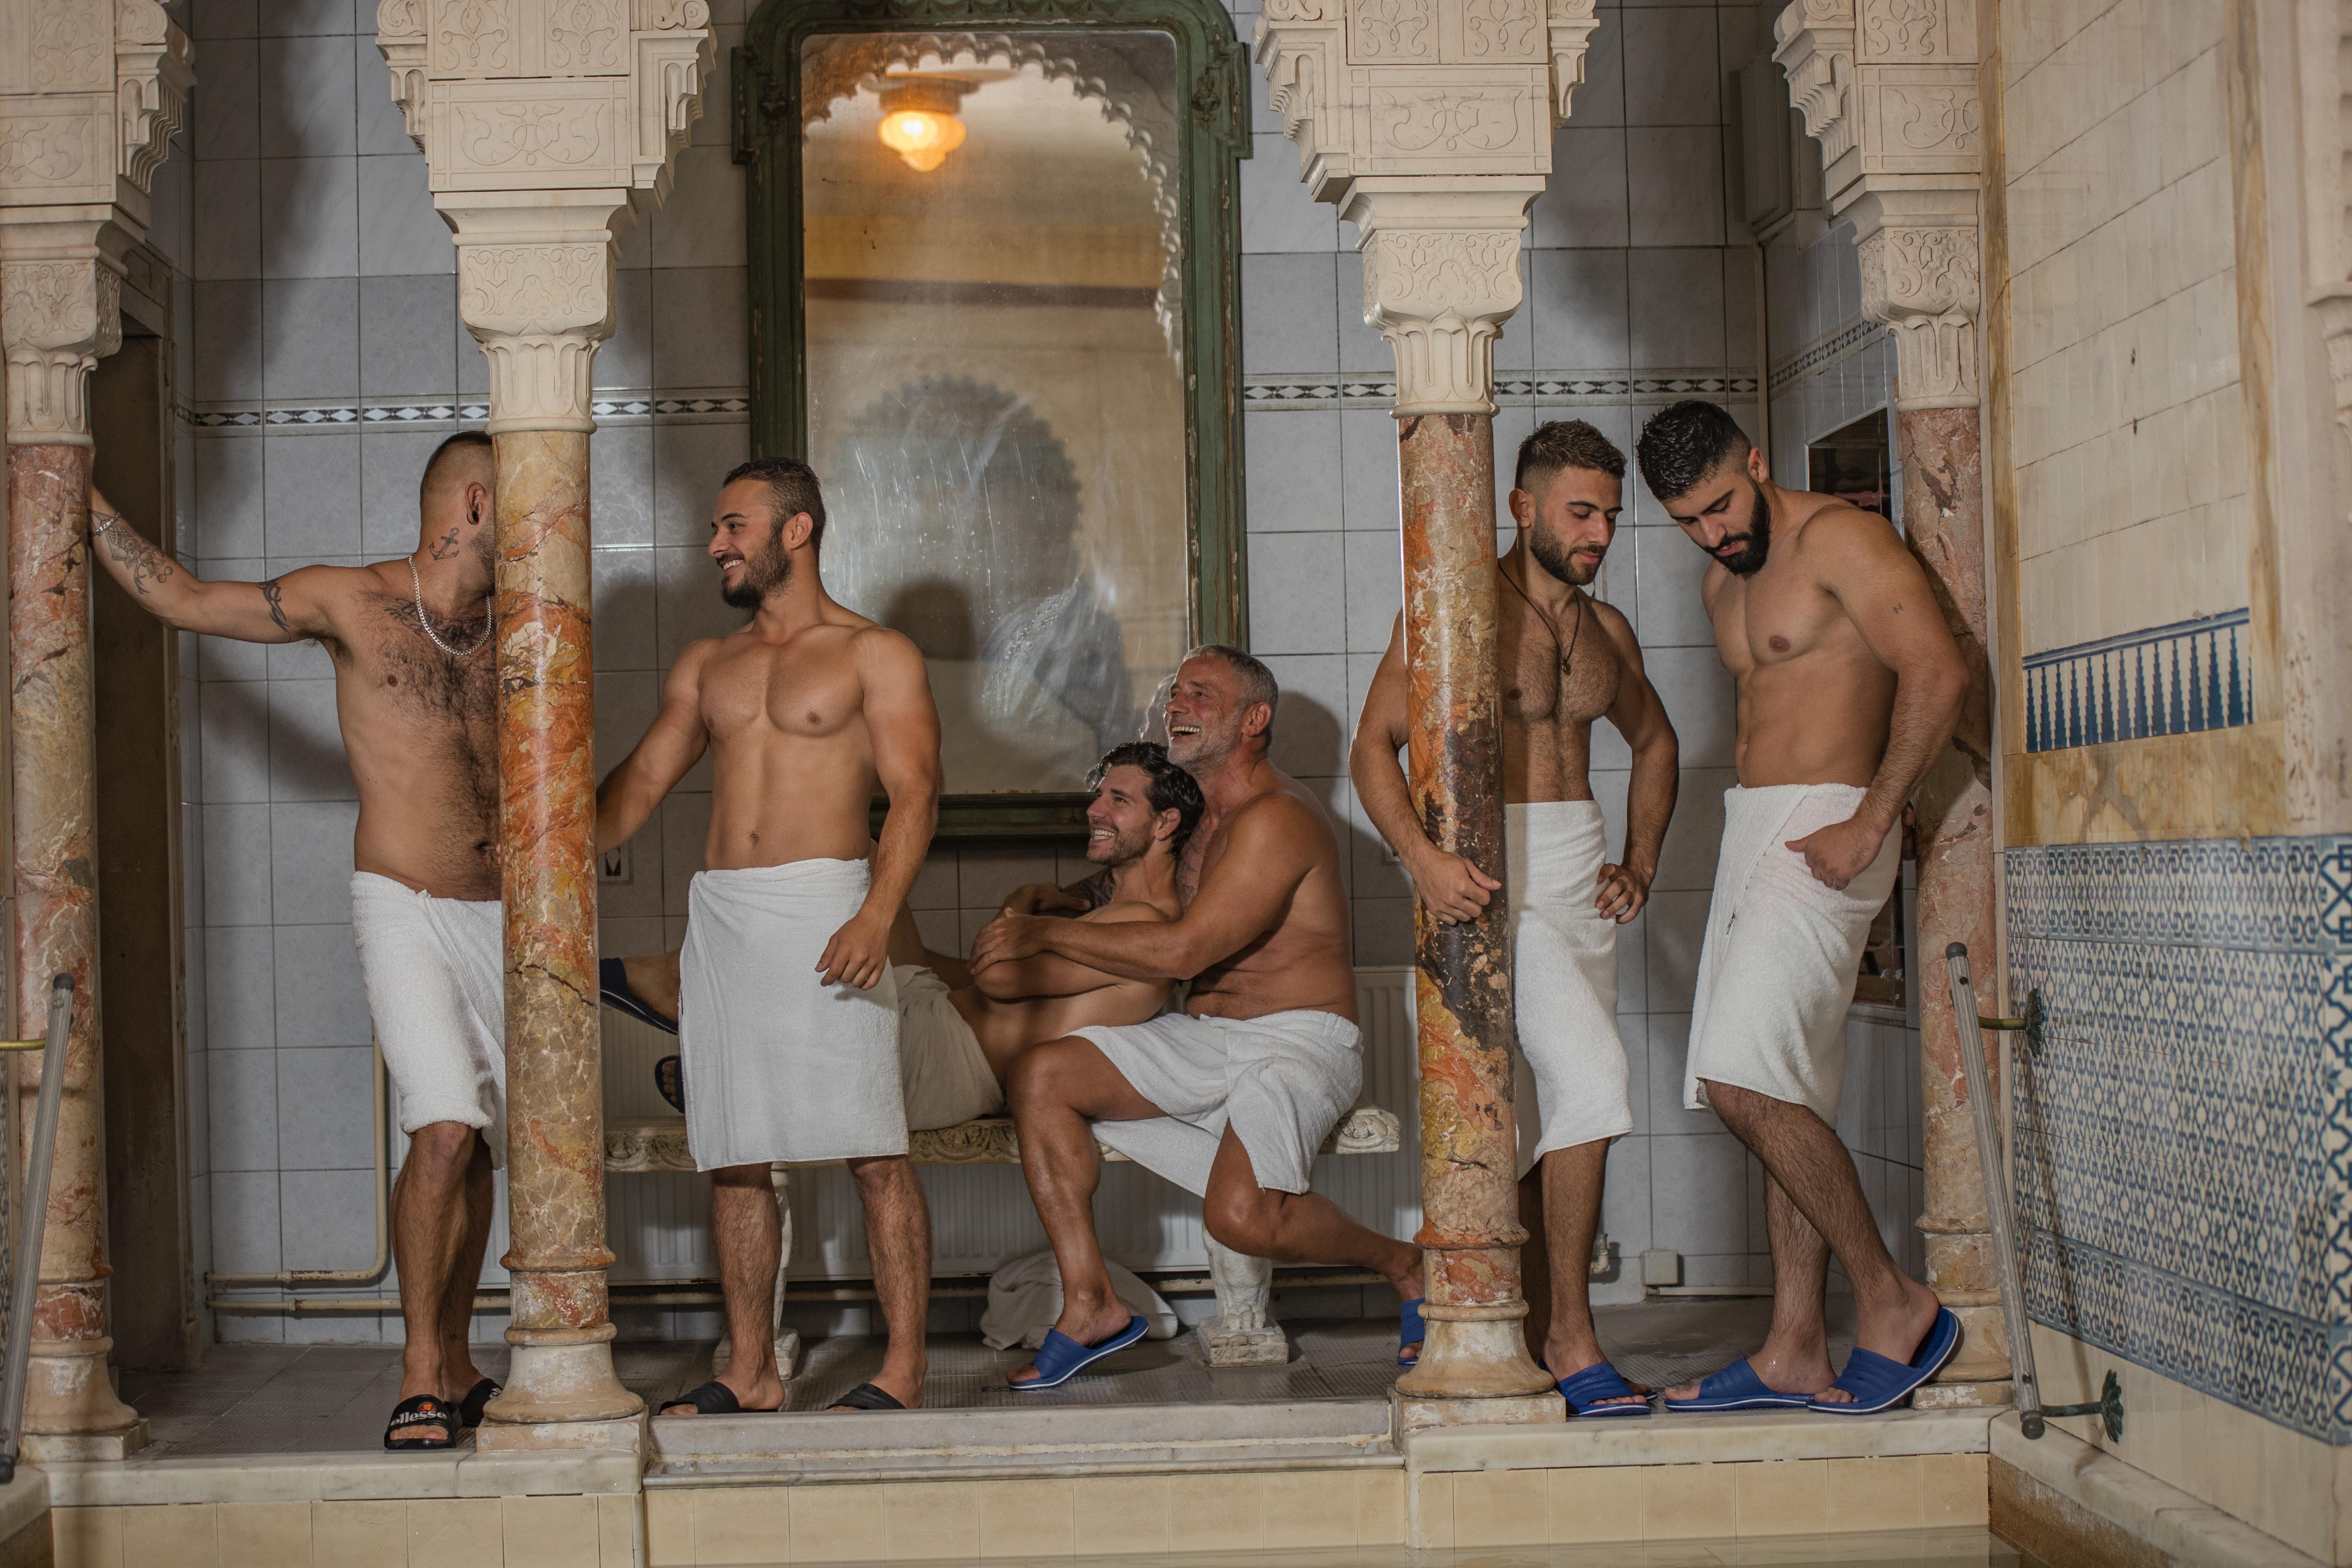 Gay vacation rentals homes